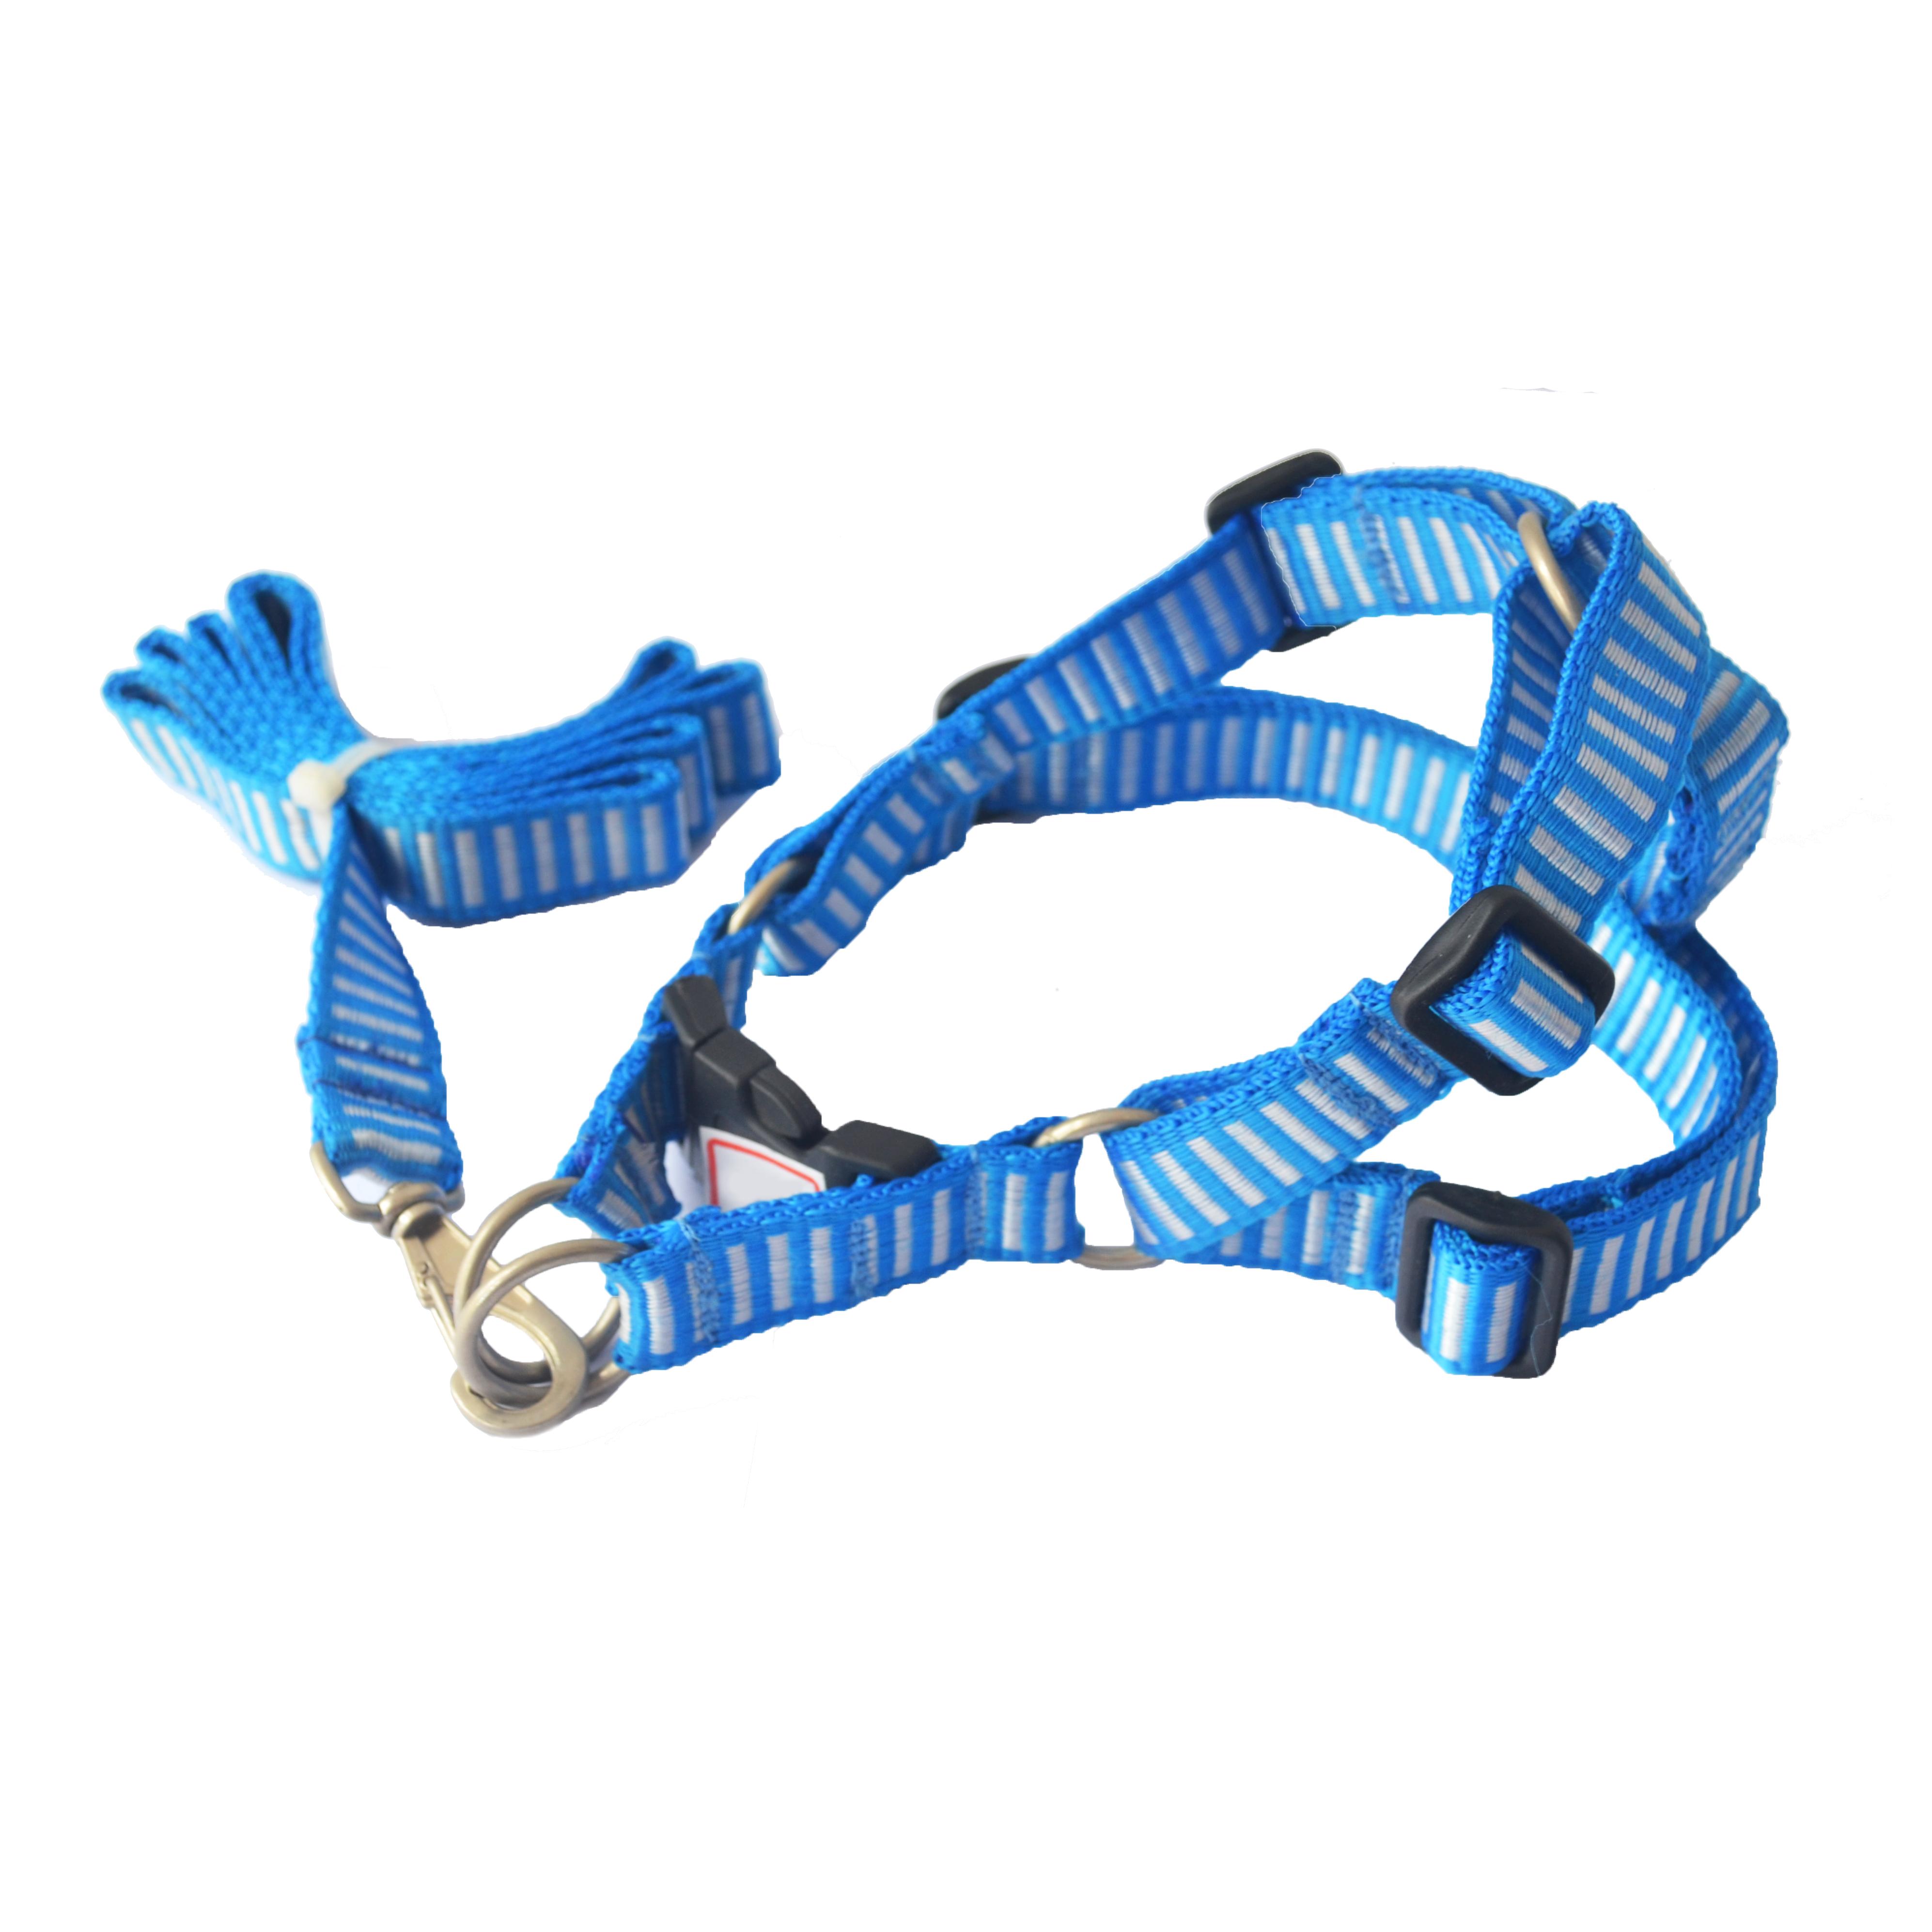 Peitoral ajustável com Guia blue & white